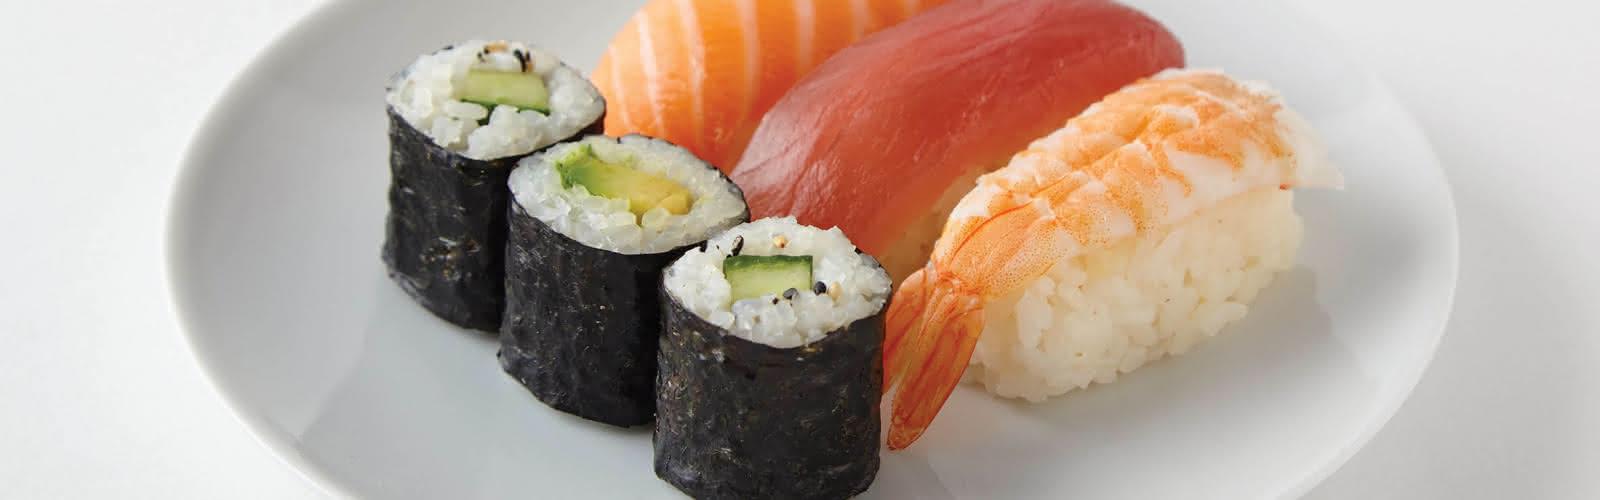 assiette blanche avec une composition de 3 maki et 3 sushi (deux saumon et un thon)